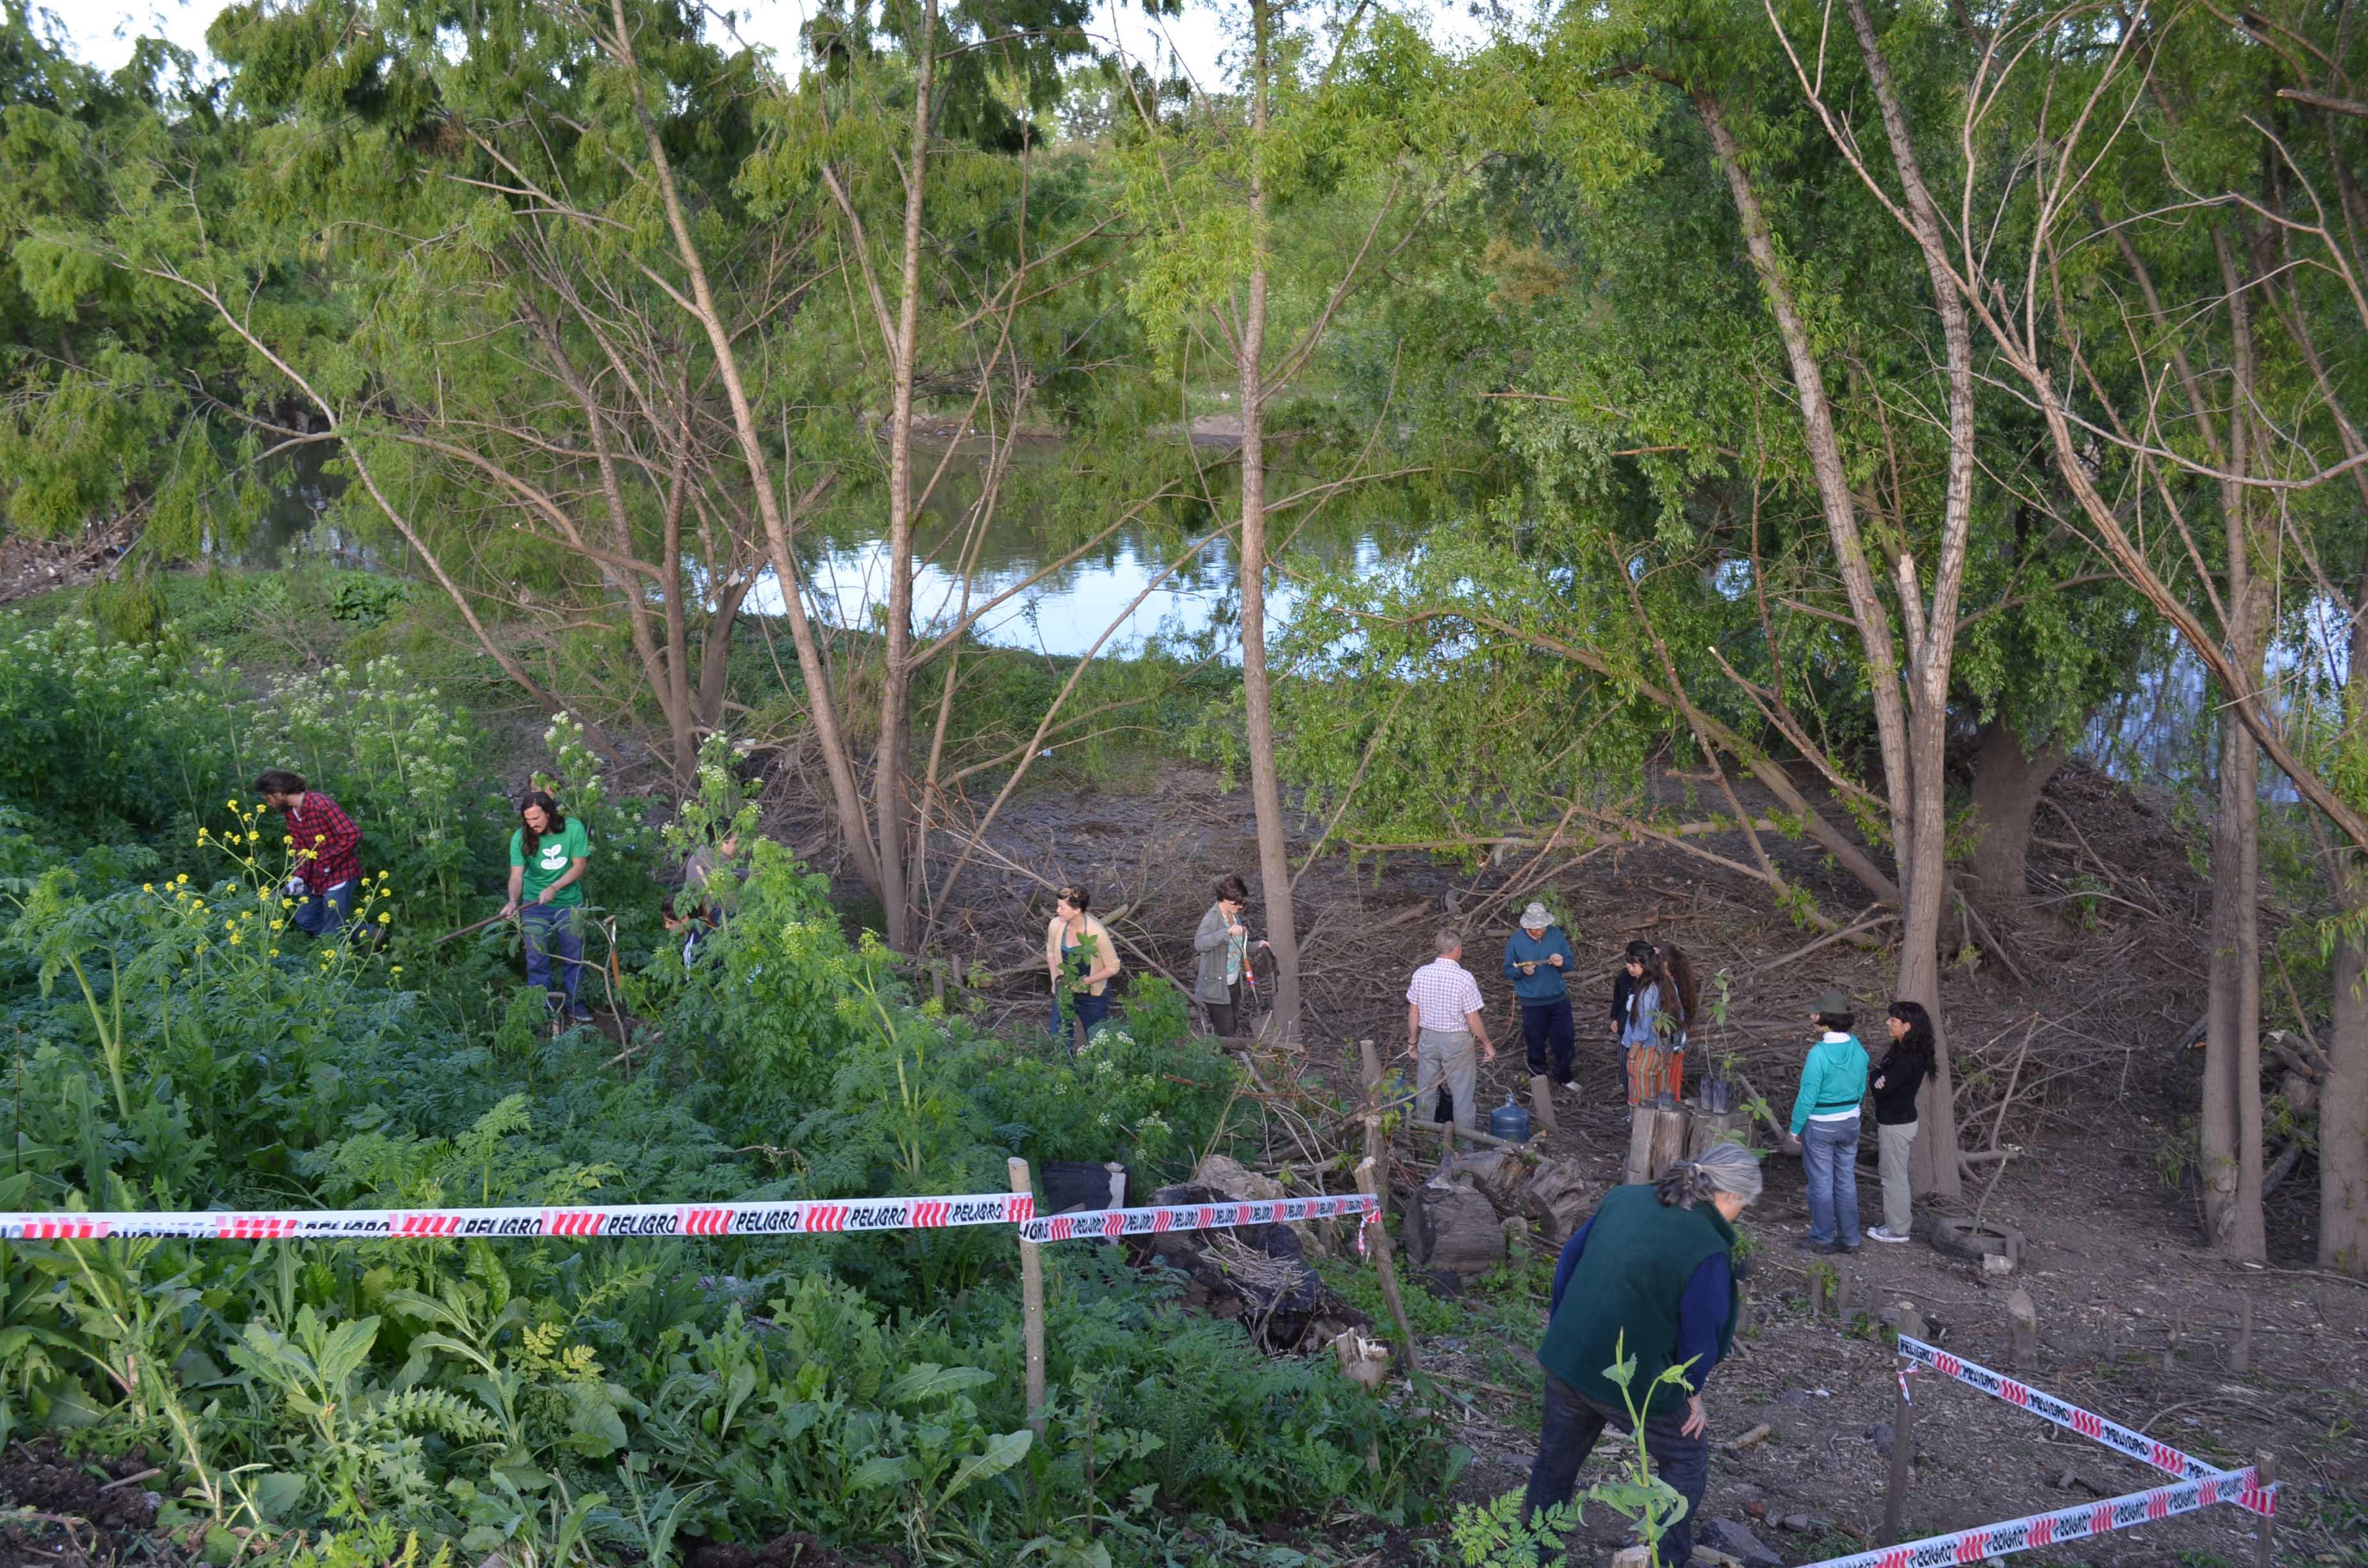 5-La vera del Rio reconquista totalmente depejada de basura luega de la limpieza